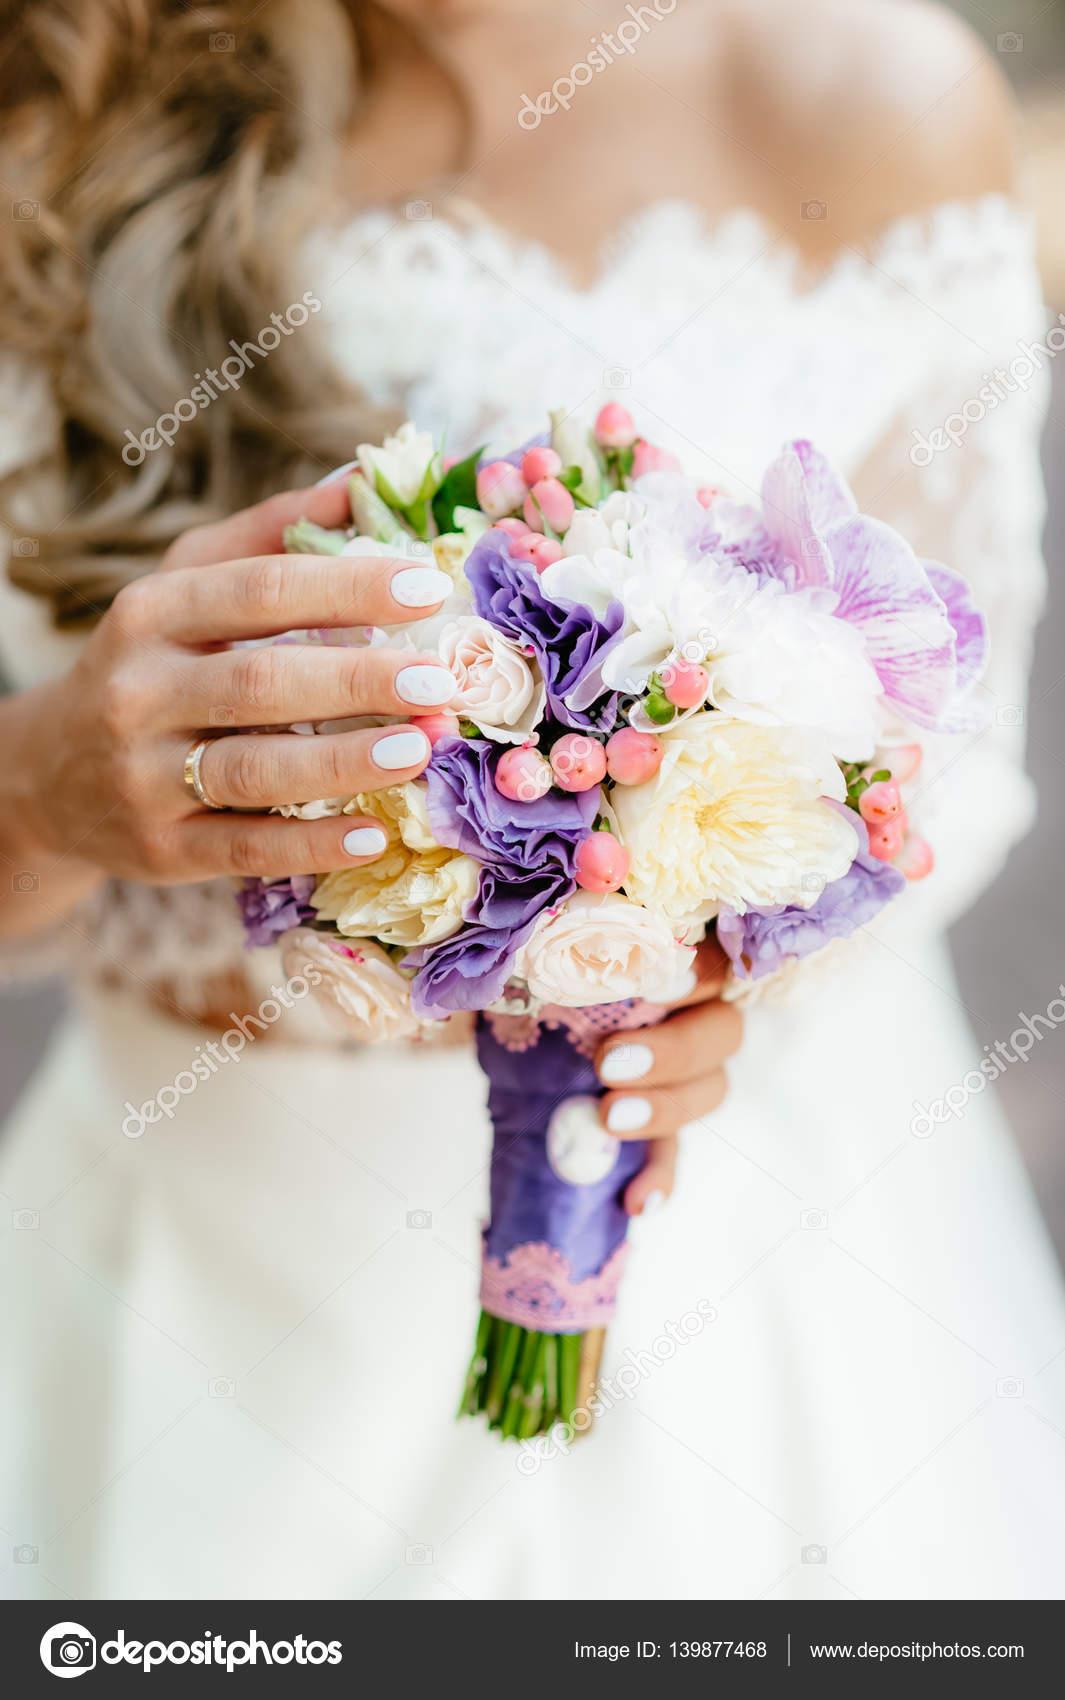 Die Braut Halt Einen Lila Blumenstrauss Hochzeitsblumen Soft Fokus